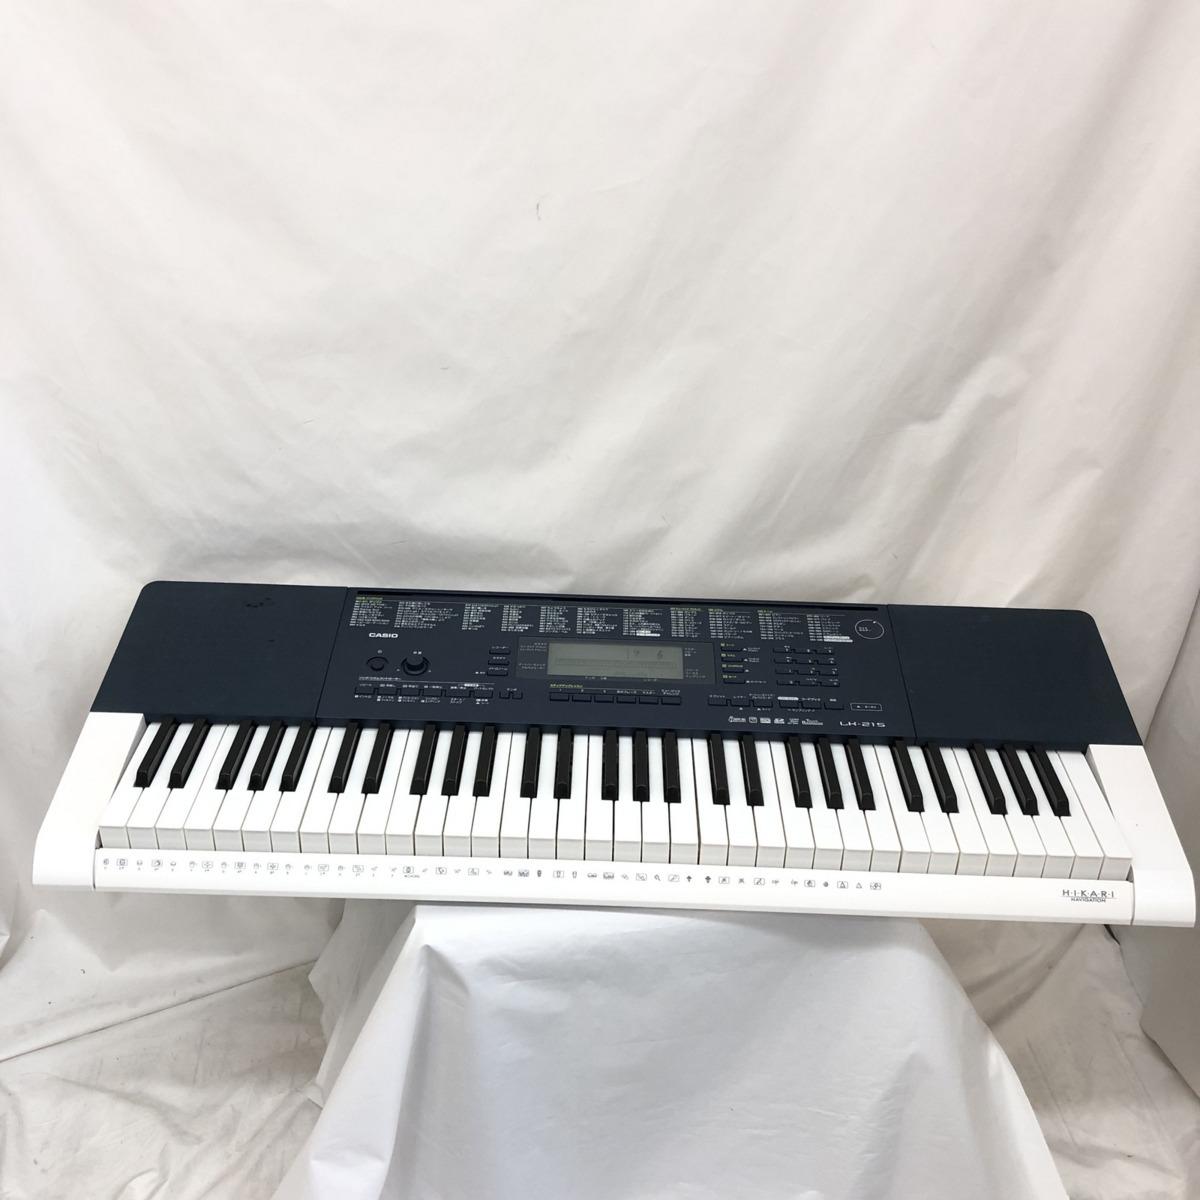 中古 CASIO カシオ 電子キーボード LK-215 光ナビゲーション タッチレスポンス 61鍵盤 ホワイト ネイビー 鍵盤楽器 電子ピアノ H15254_画像1